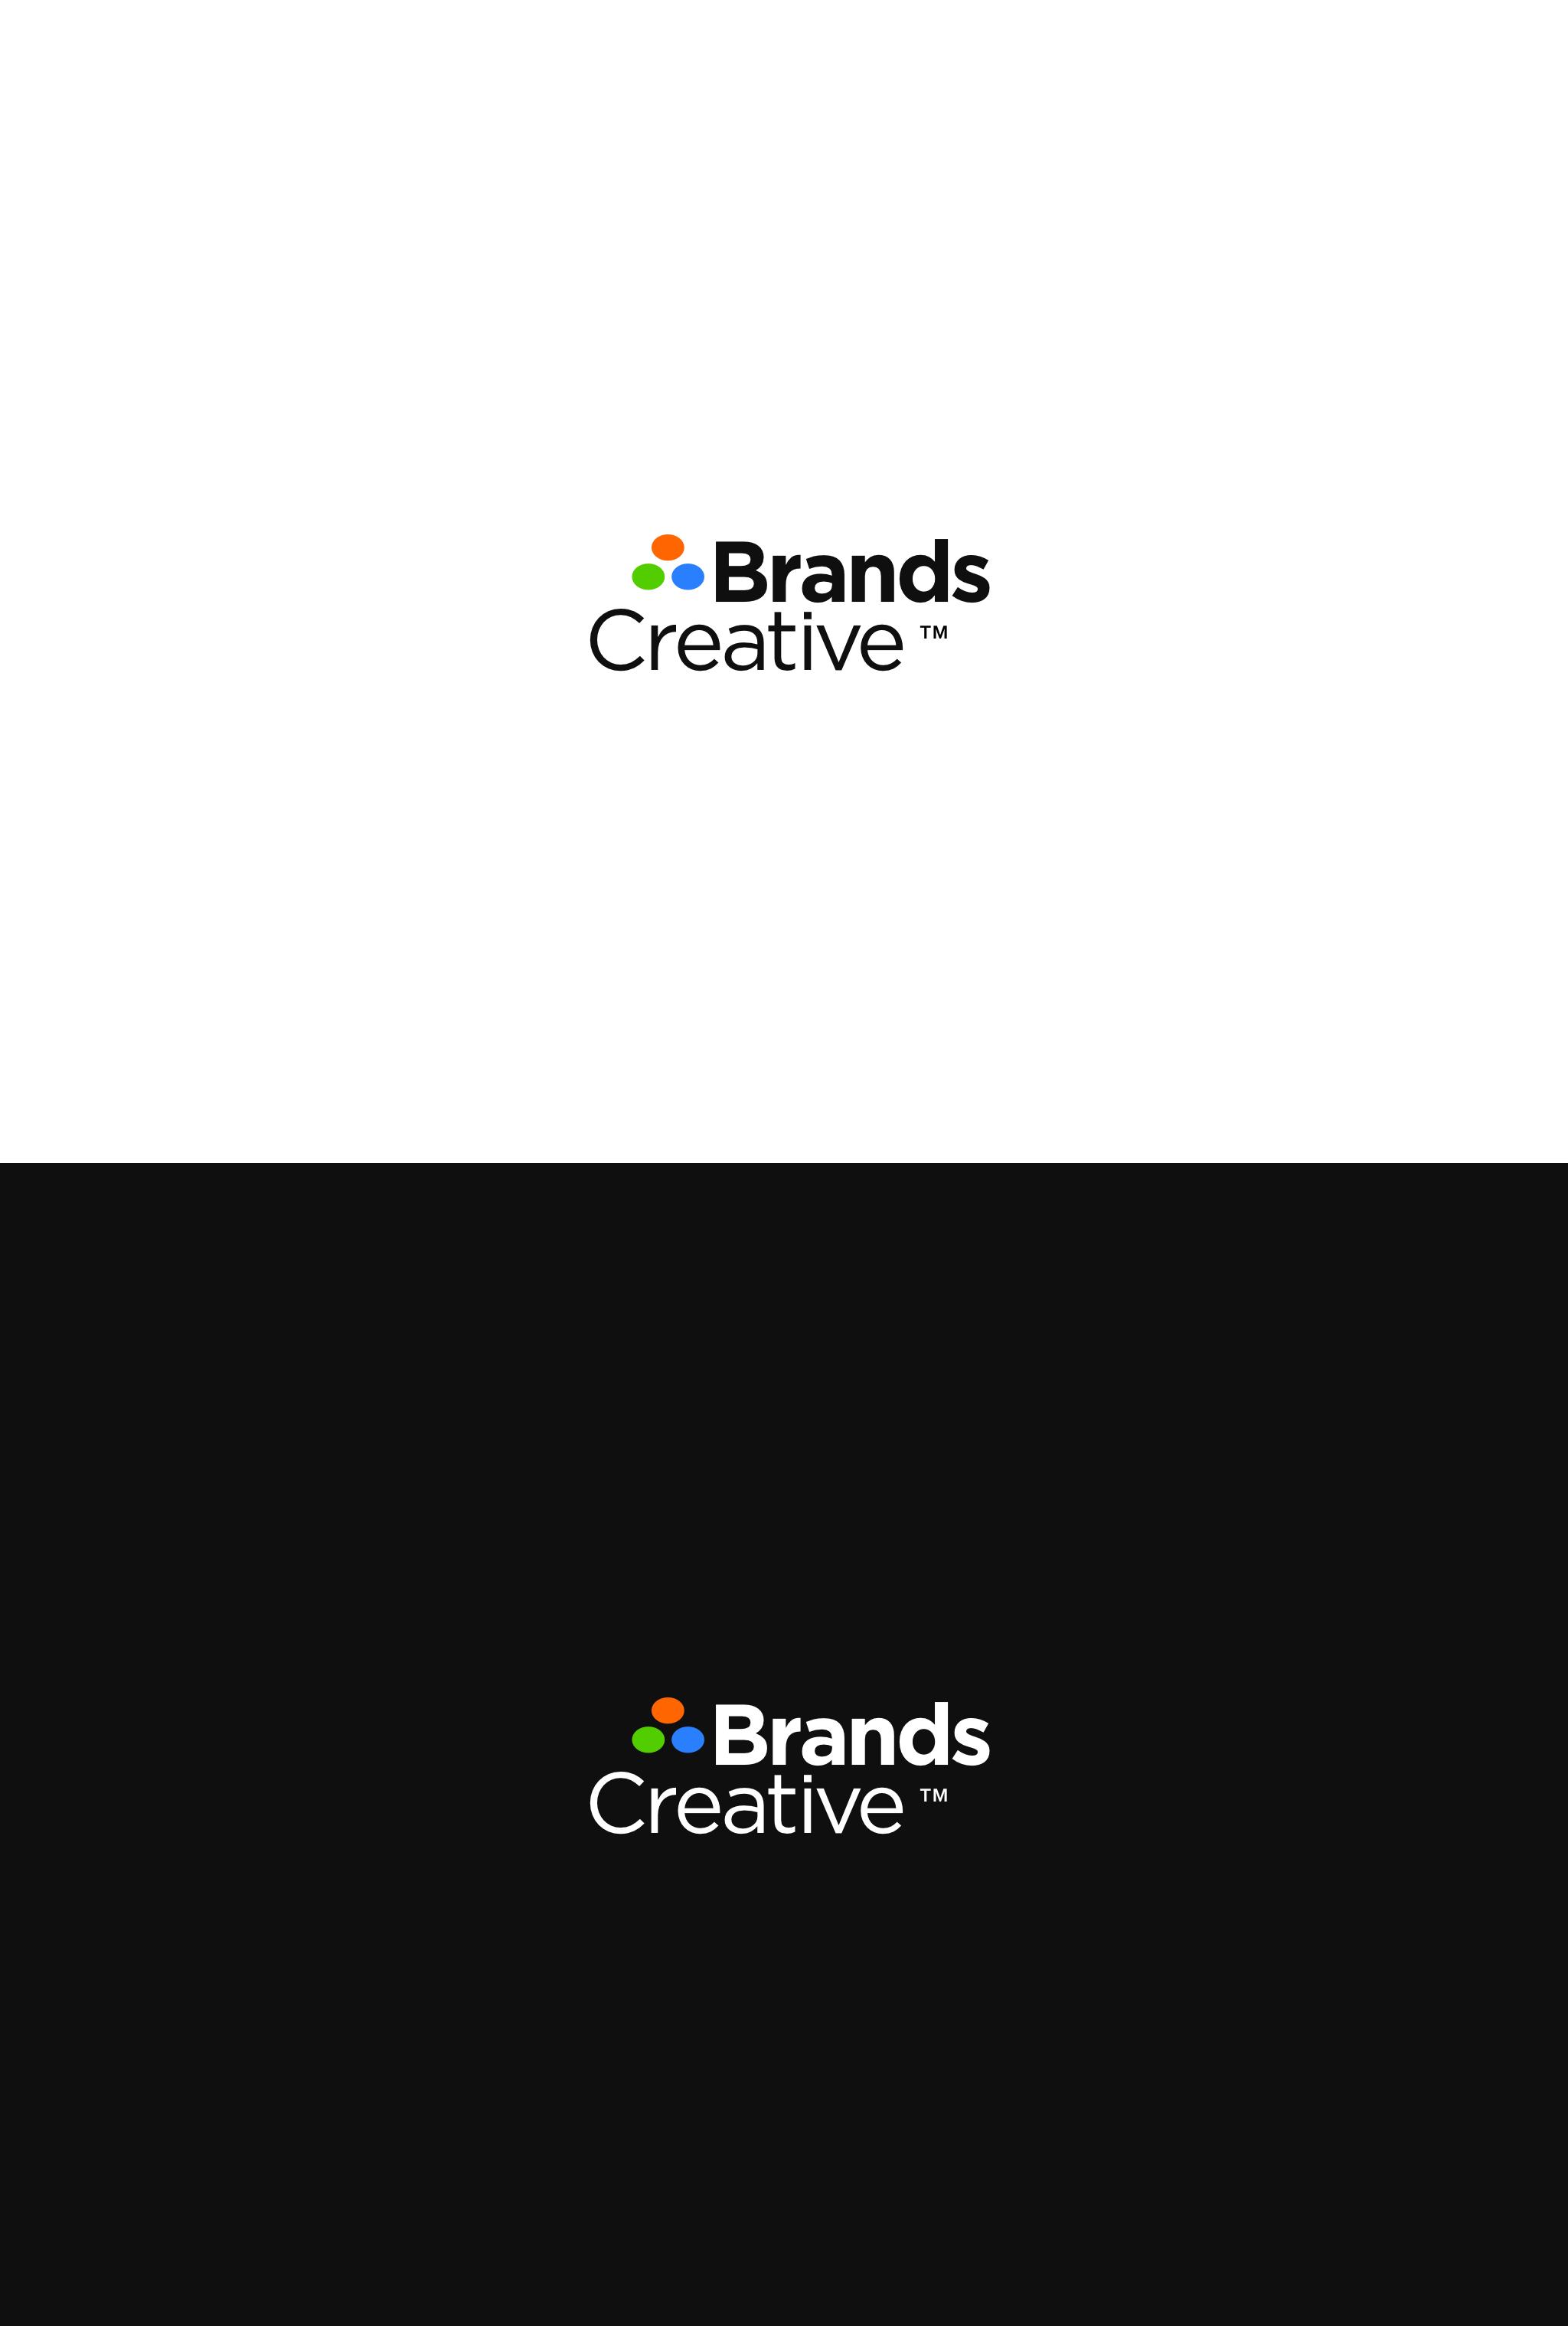 create a captivating logo for a branding company Brands Creative Inc.